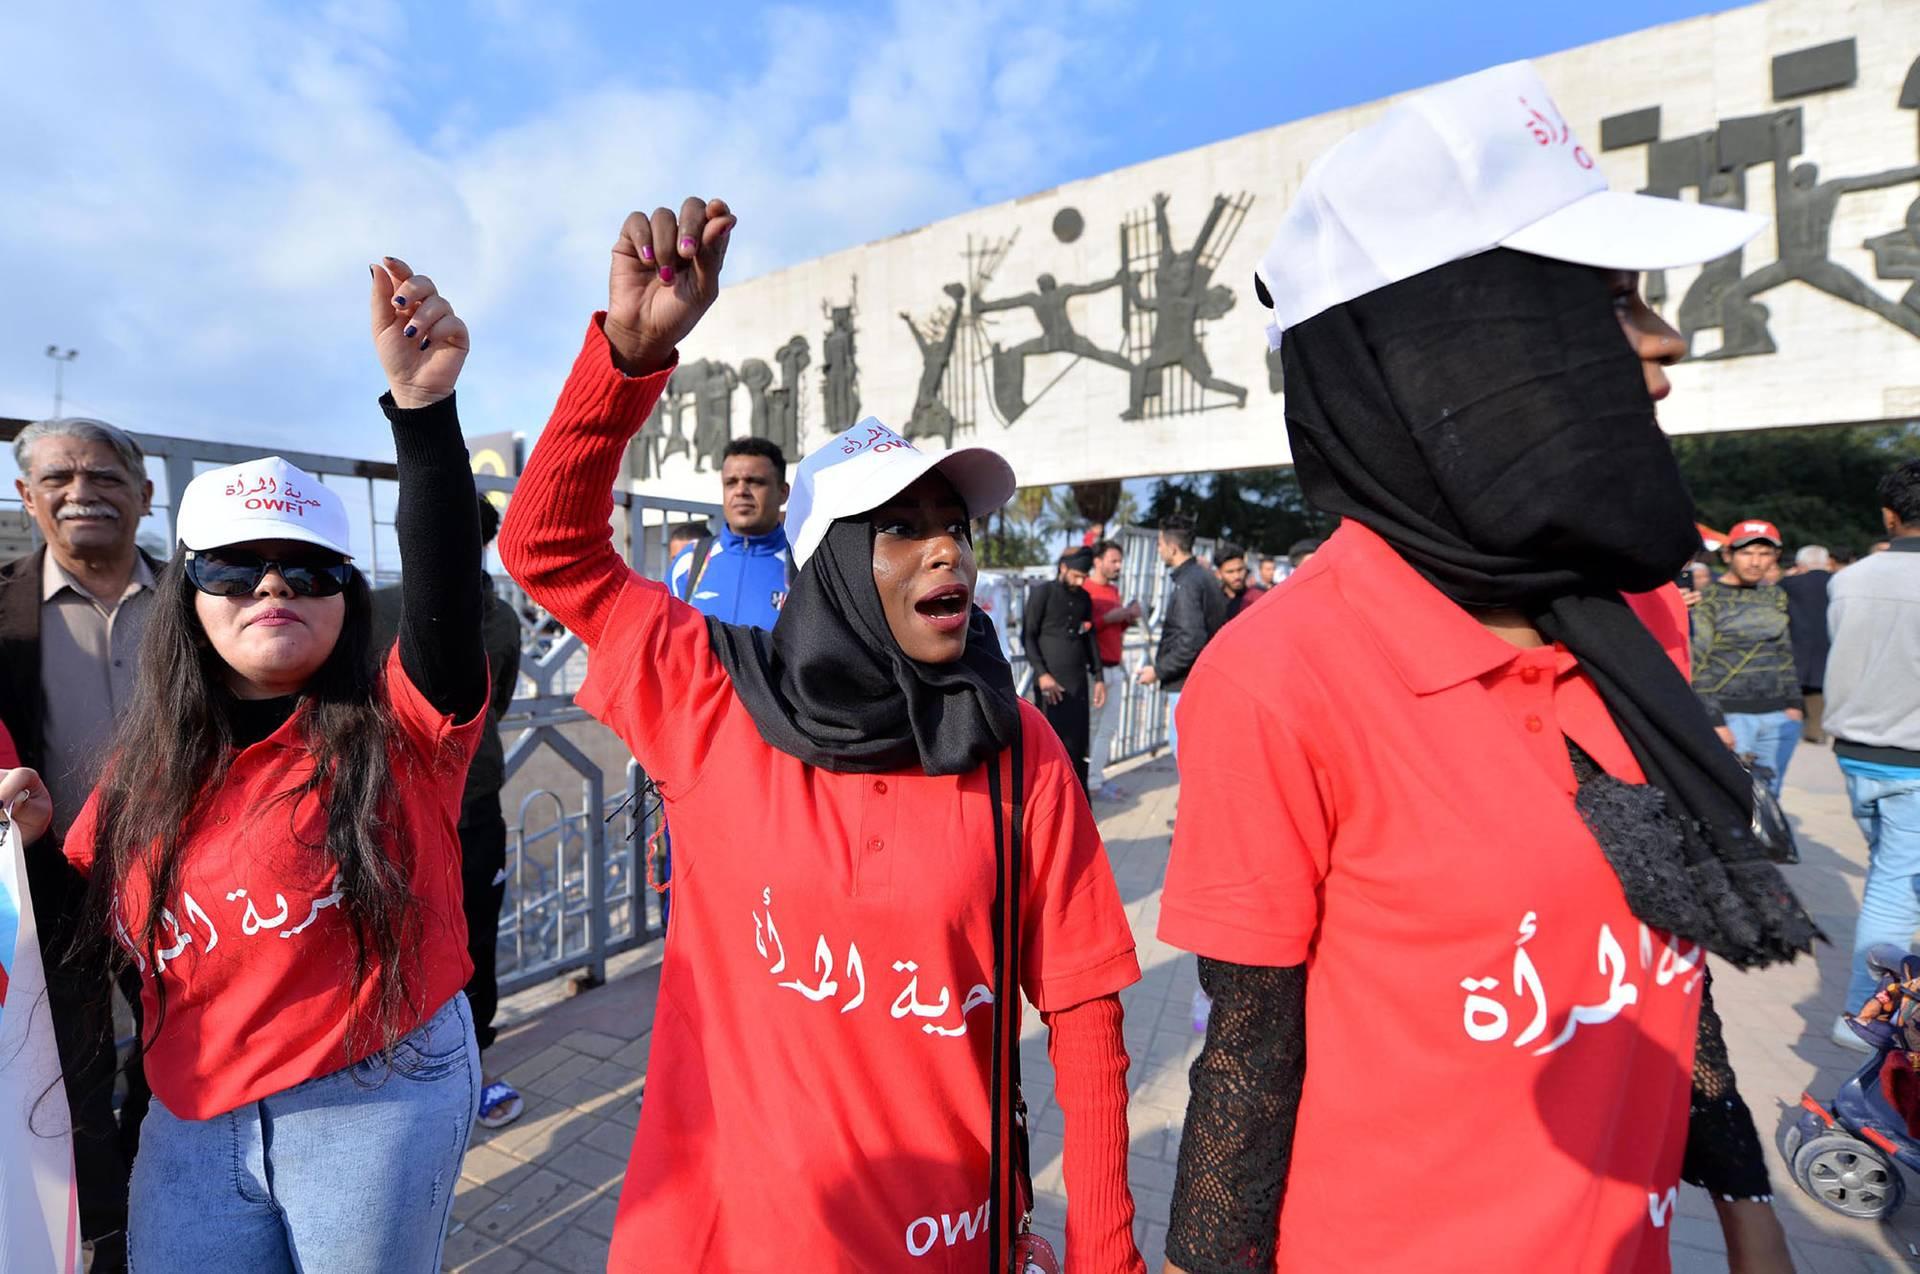 Іракські жінки взяли участь у демонстрації з нагоди Міжнародного дня захисту прав жінок на площі Тахрір у центрі Багдада, Ірак, 8 березня 2019 року. Активістки закликали іракський уряд підтримати і сприяти дотриманню правам іракських жінок